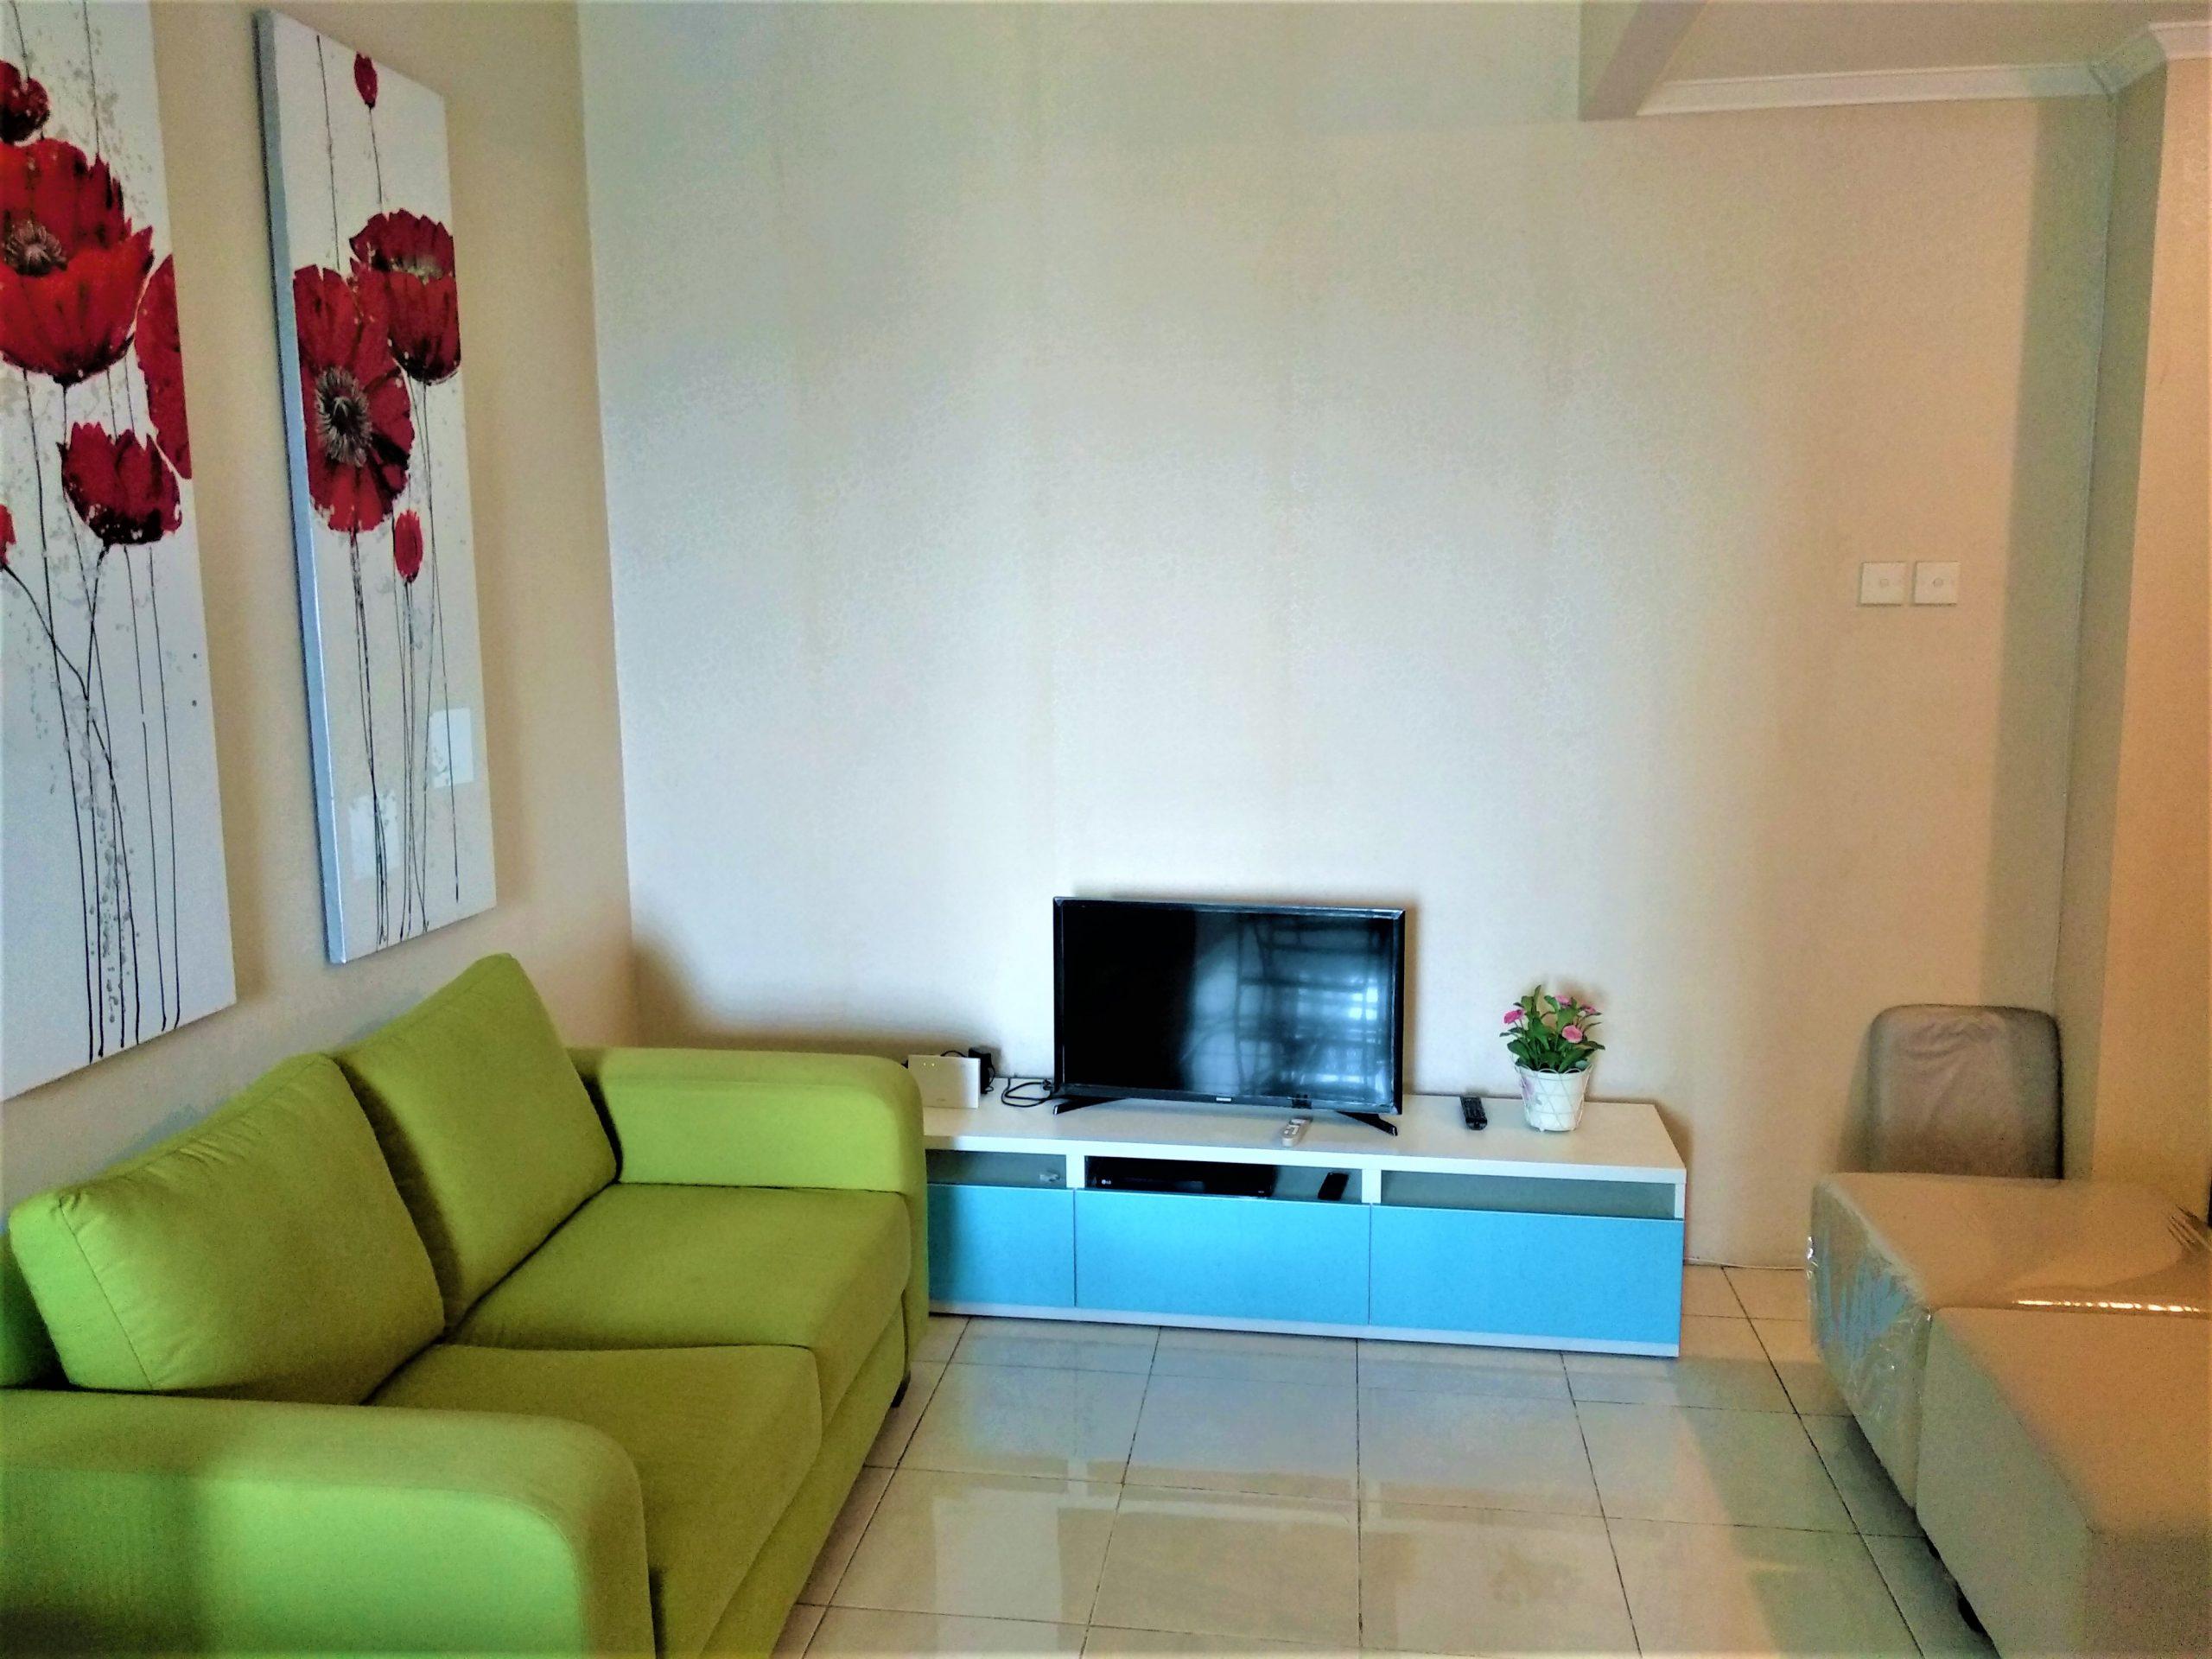 Sudpark B Lantai 17 Livingroom 1 scaled - Apartemen Sudirman Park